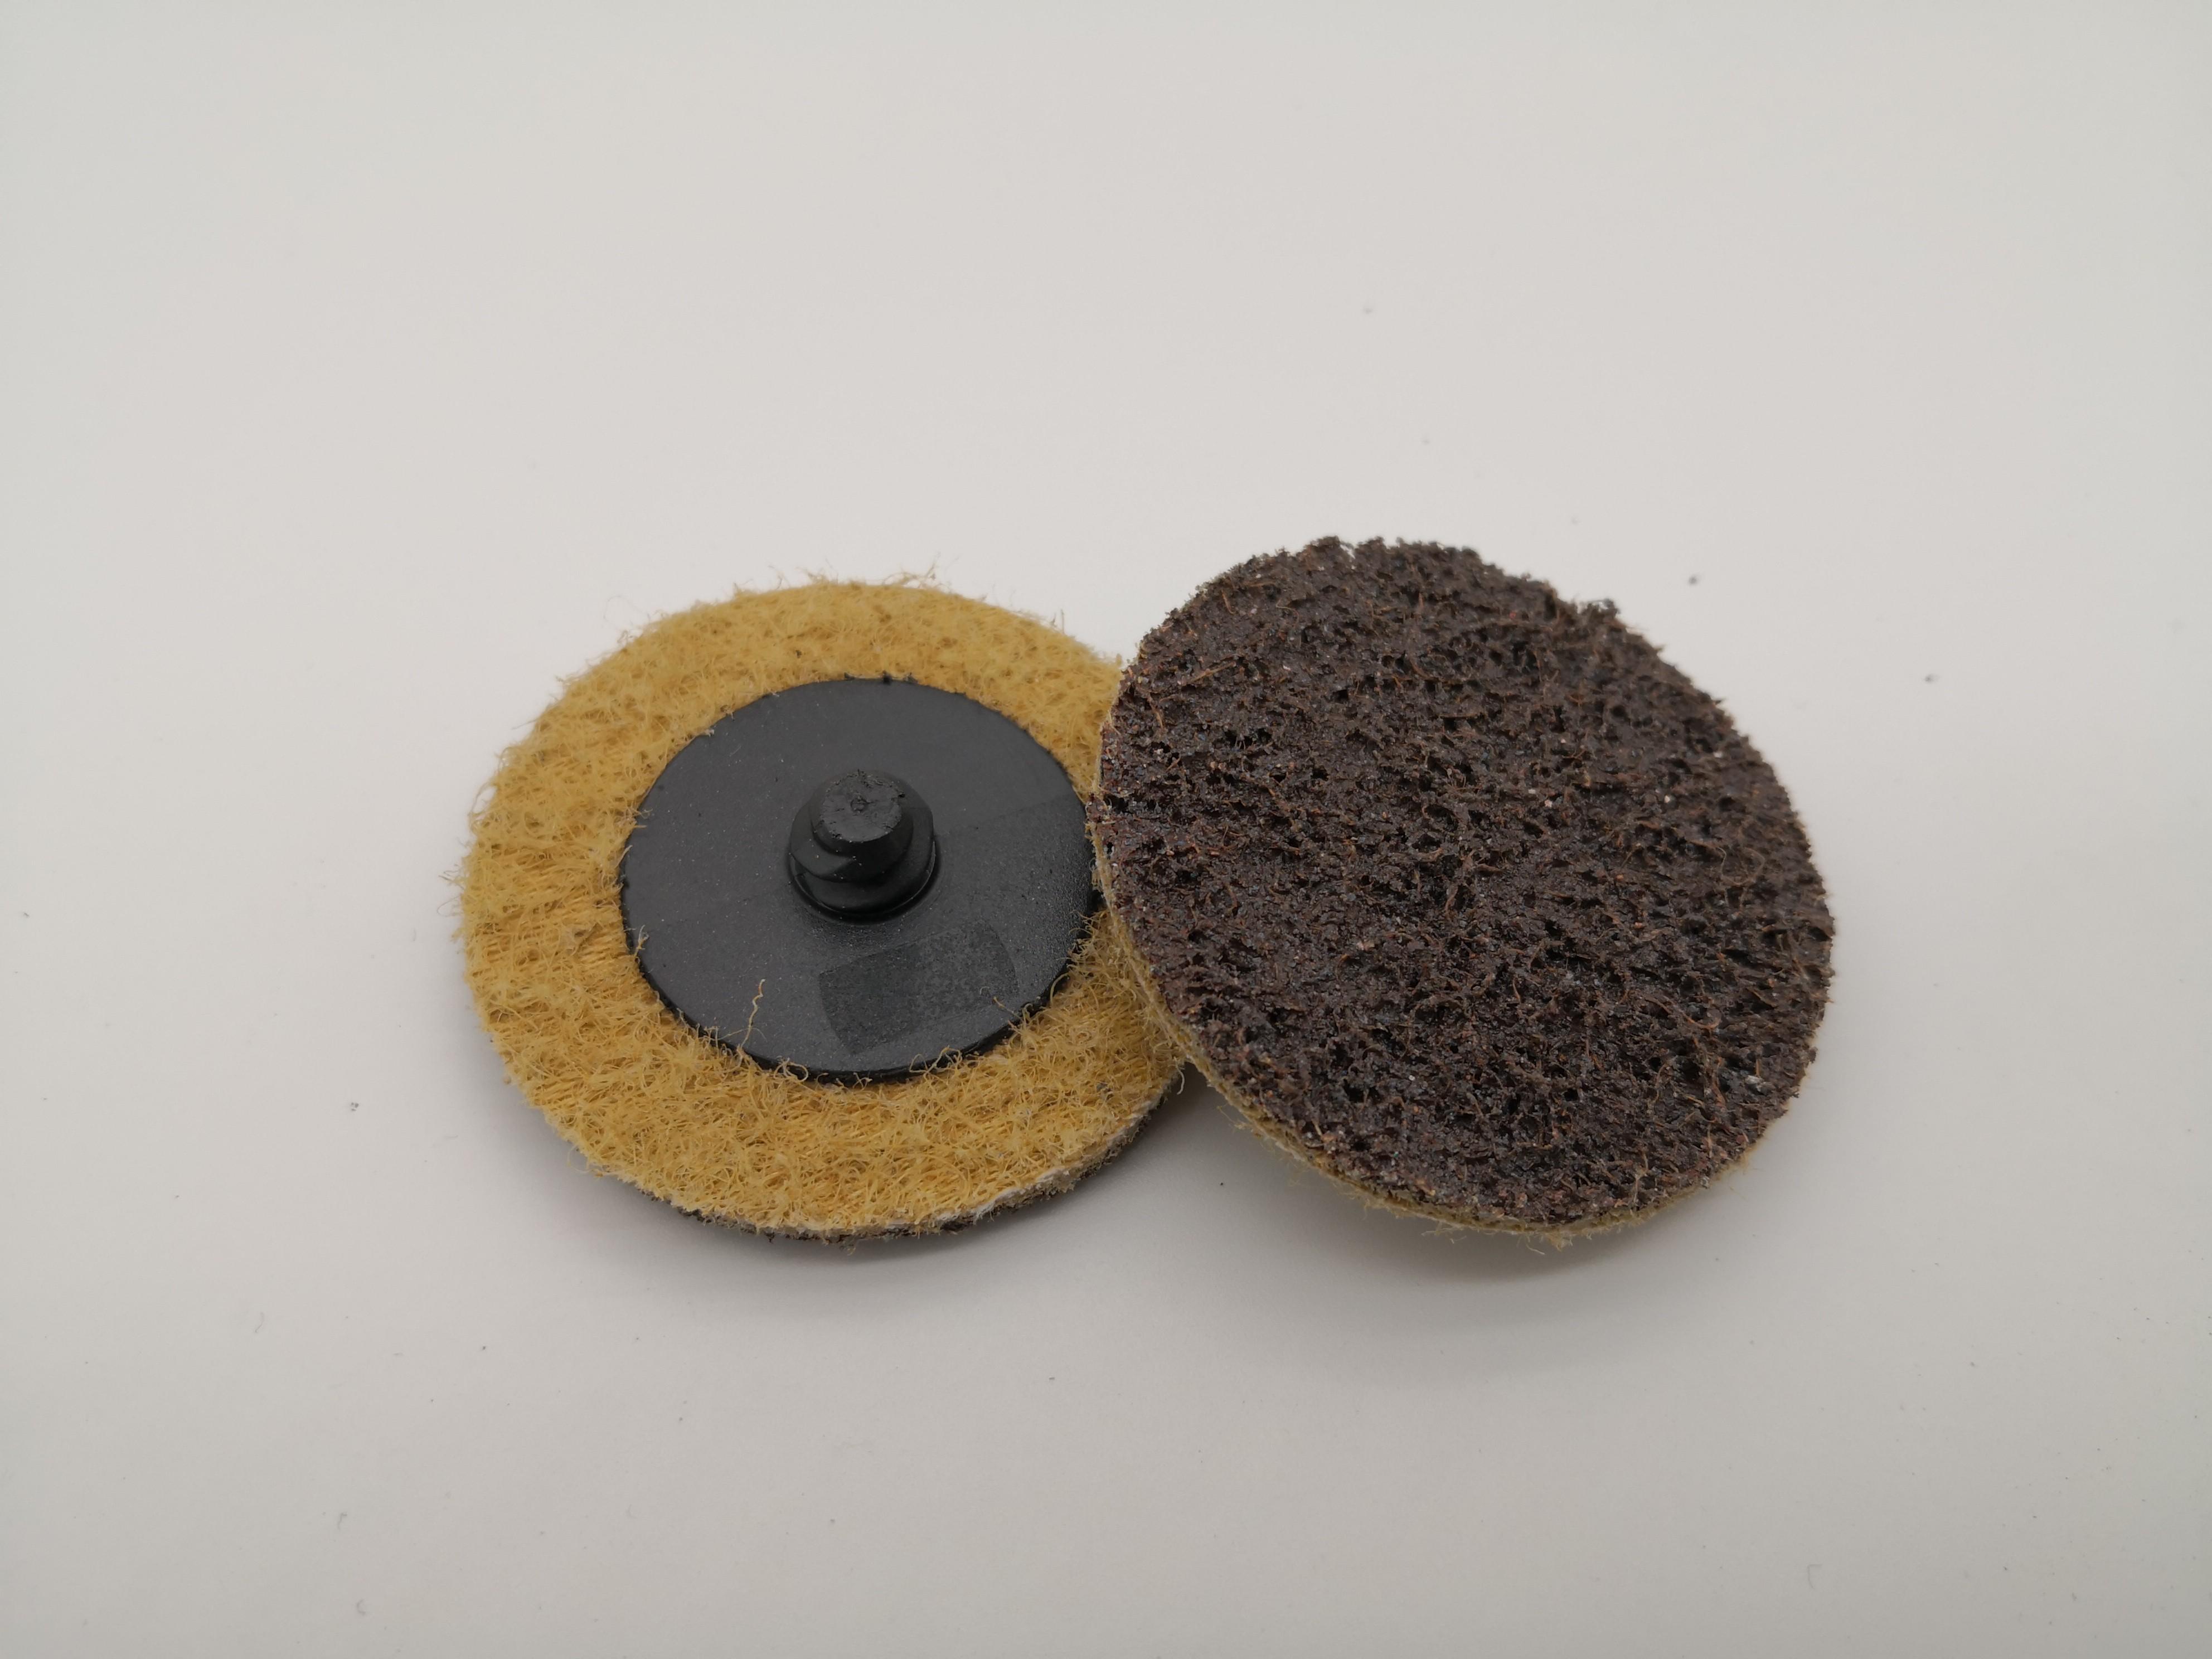 砂纸|砂碟|百洁布环带|移动式无尘干磨机系统|圆盘砂纸|抛光蜡|砂皮纸